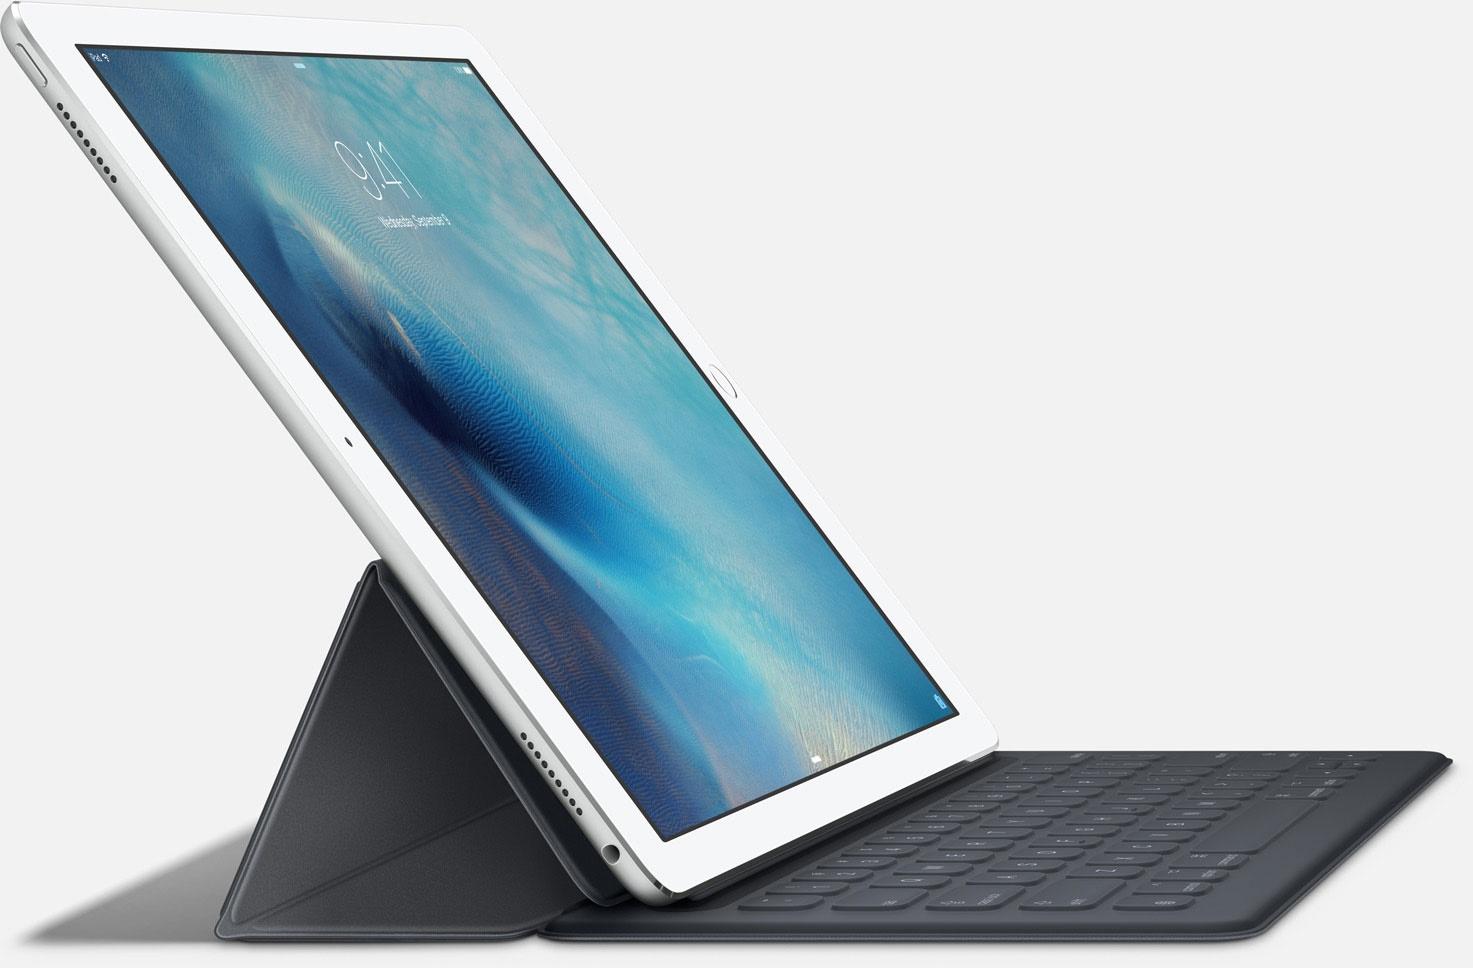 تبلت جدید اپل چه ویژگیهایی دارد؟/همکاری لاجیتک با اپل در ساخت کیبورد آی پد پرو تبلت جدید اپل چه ویژگیهایی دارد؟/همکاری لاجیتک با اپل در ساخت کیبورد آی پد پرو 15 9 10 105033smart keyboard large